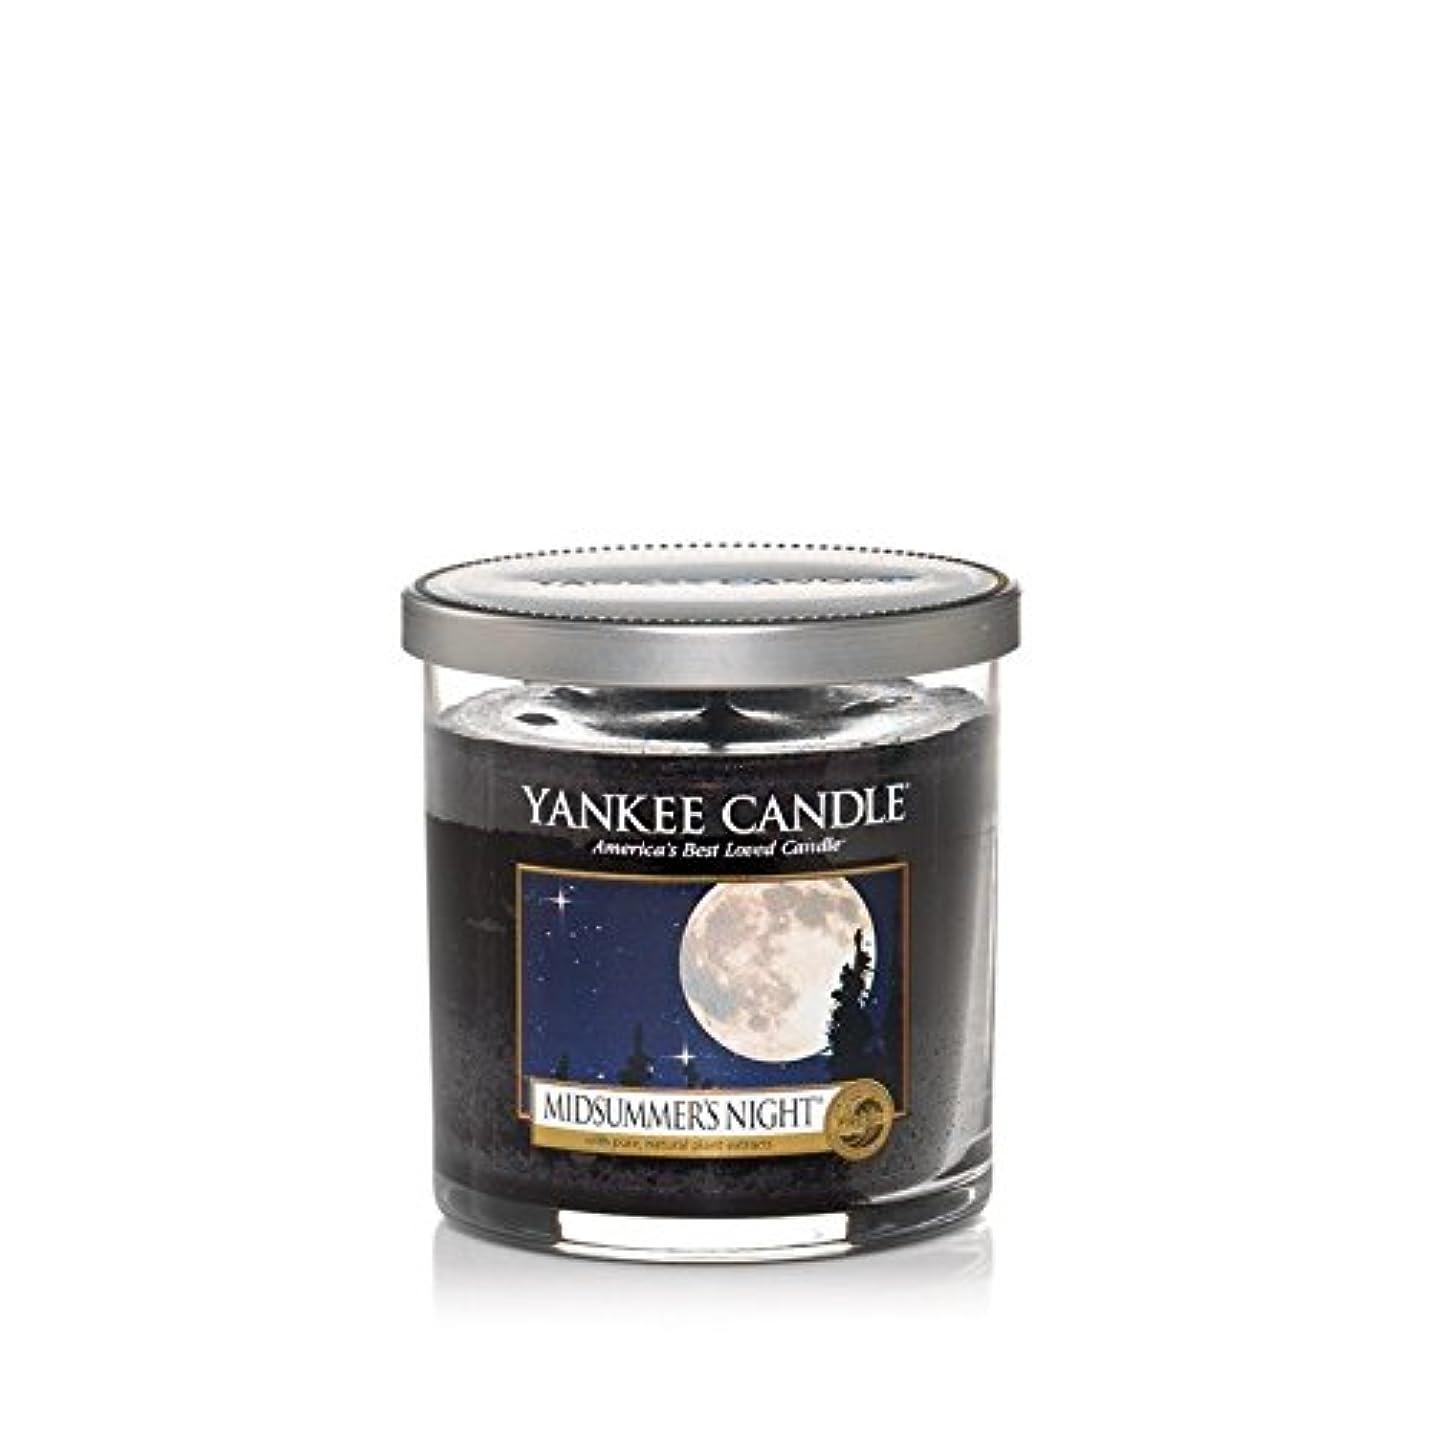 均等にステップ父方のYankee Candles Small Pillar Candle - Midsummers Night (Pack of 2) - ヤンキーキャンドルの小さな柱キャンドル - Midsummers夜 (x2) [並行輸入品]